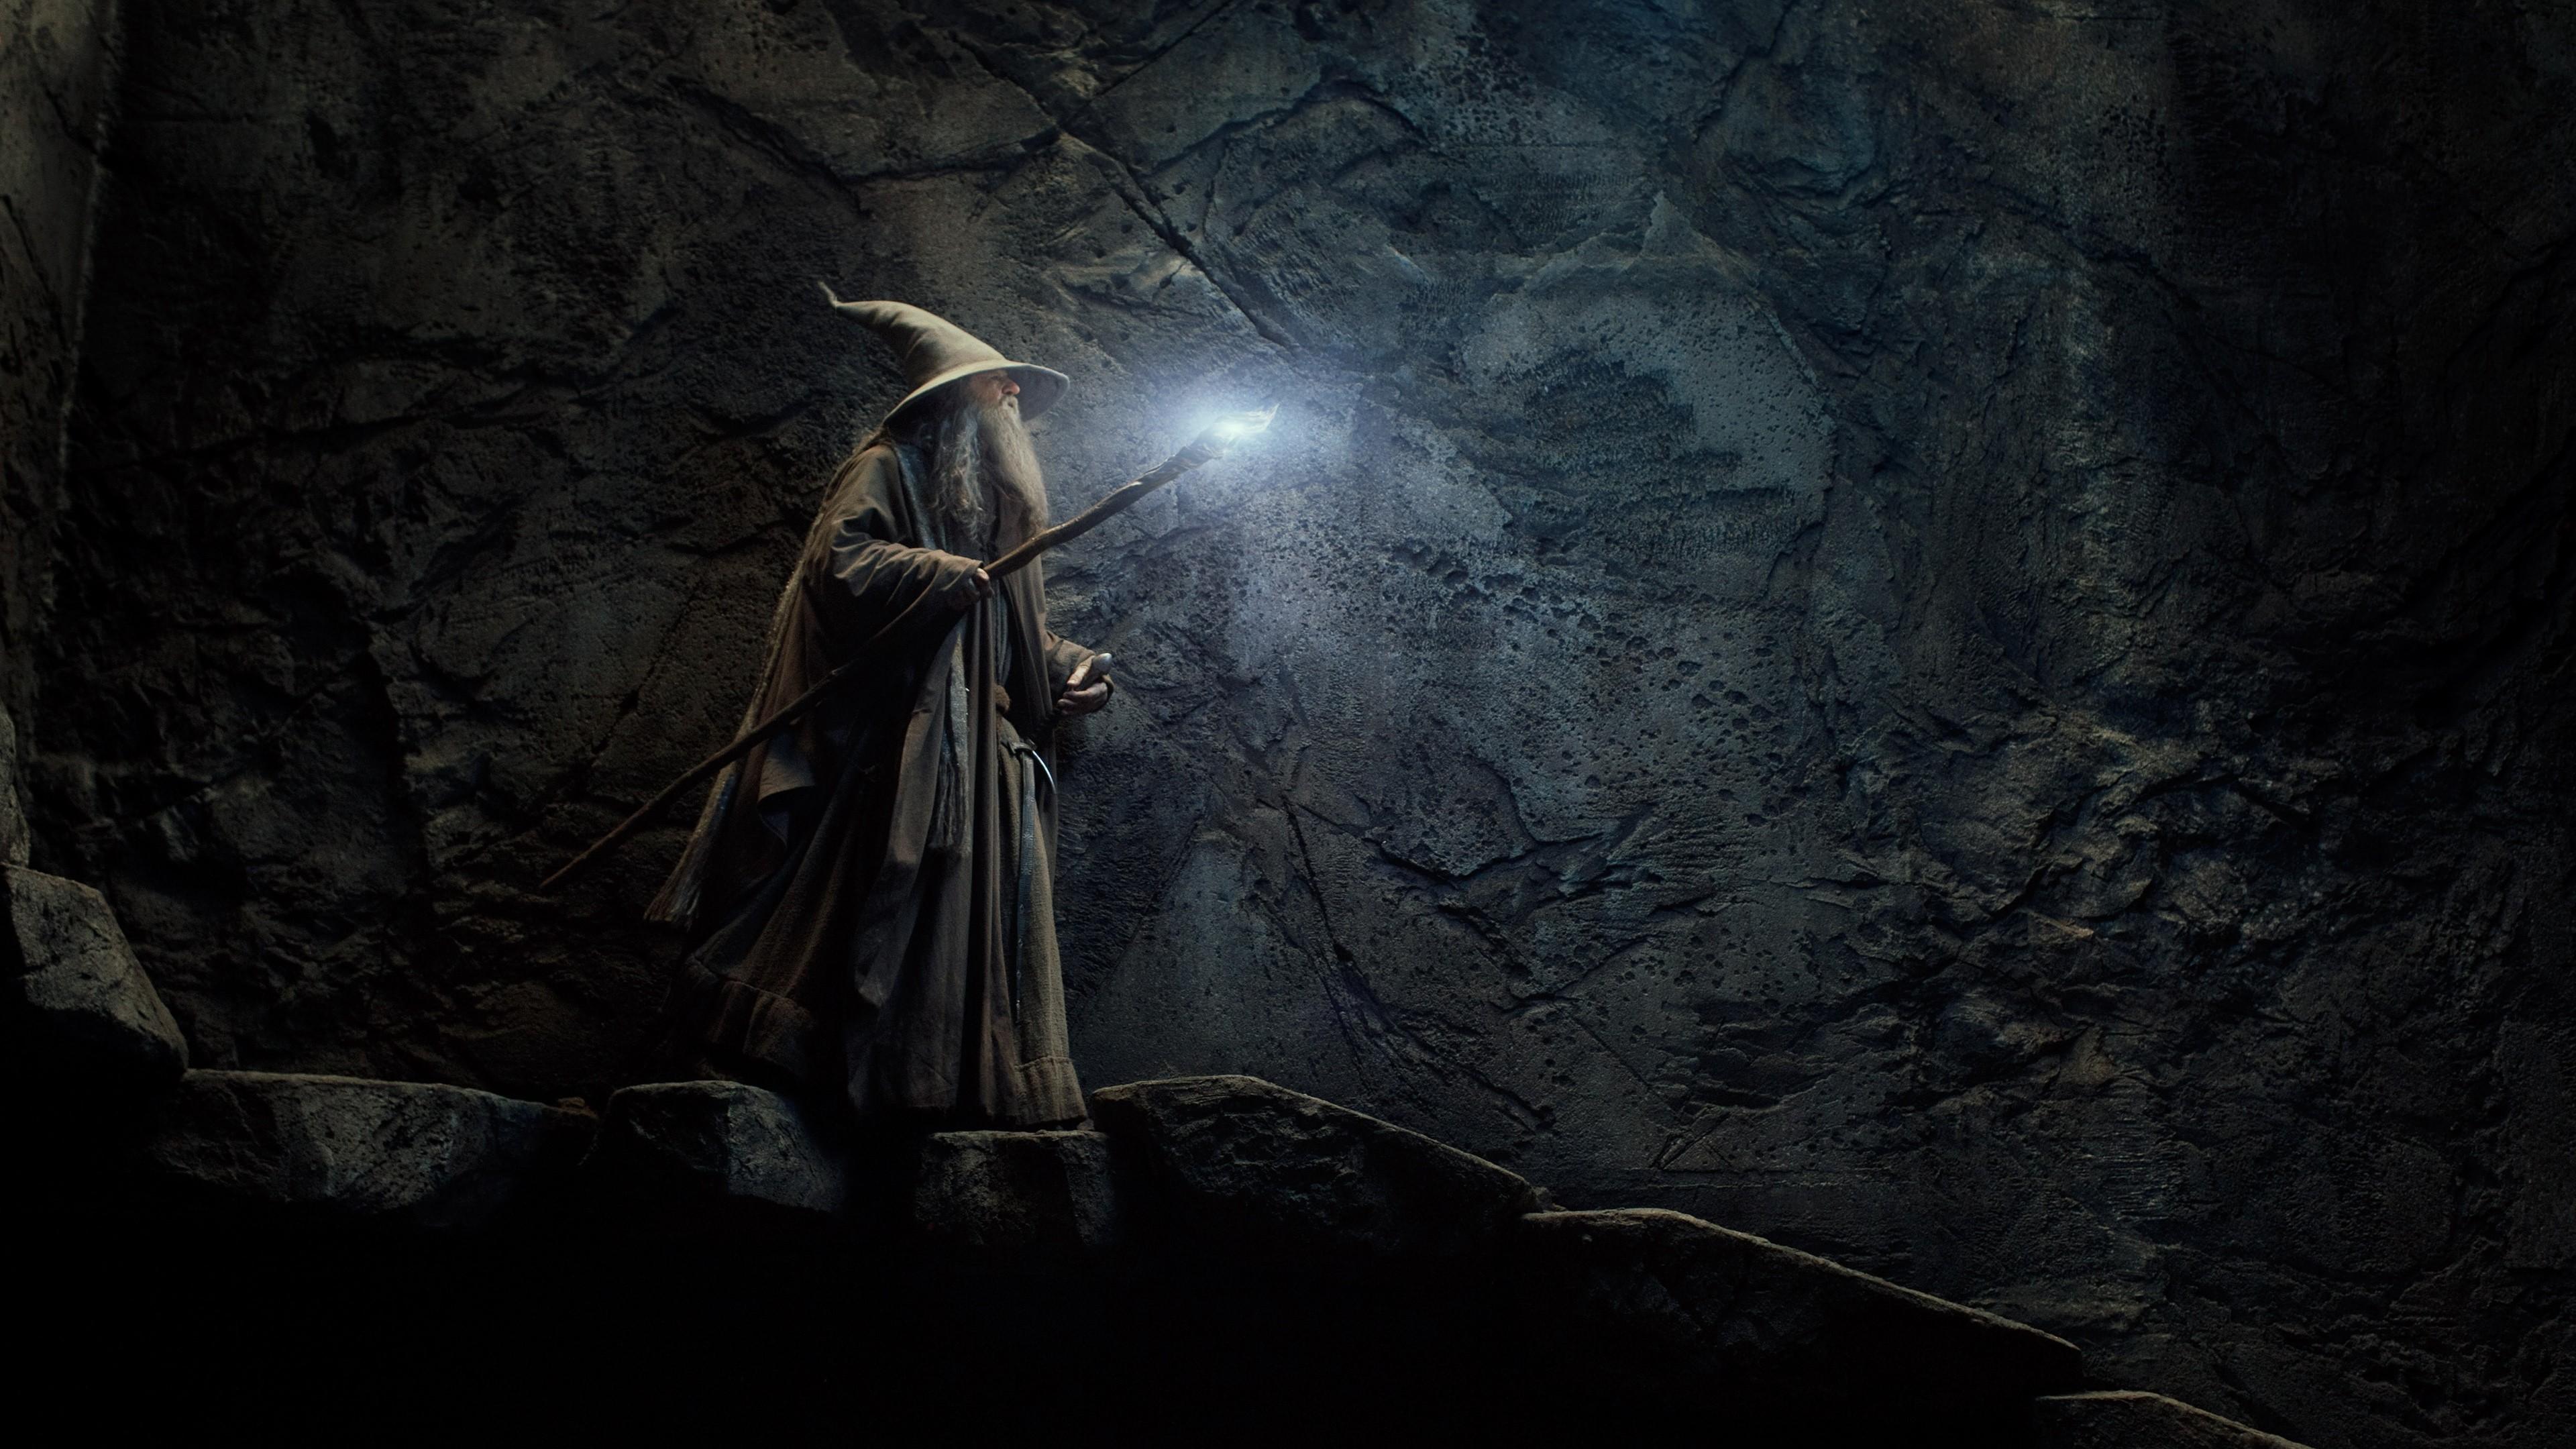 Fond Décran Films La Grotte Le Seigneur Des Anneaux Le